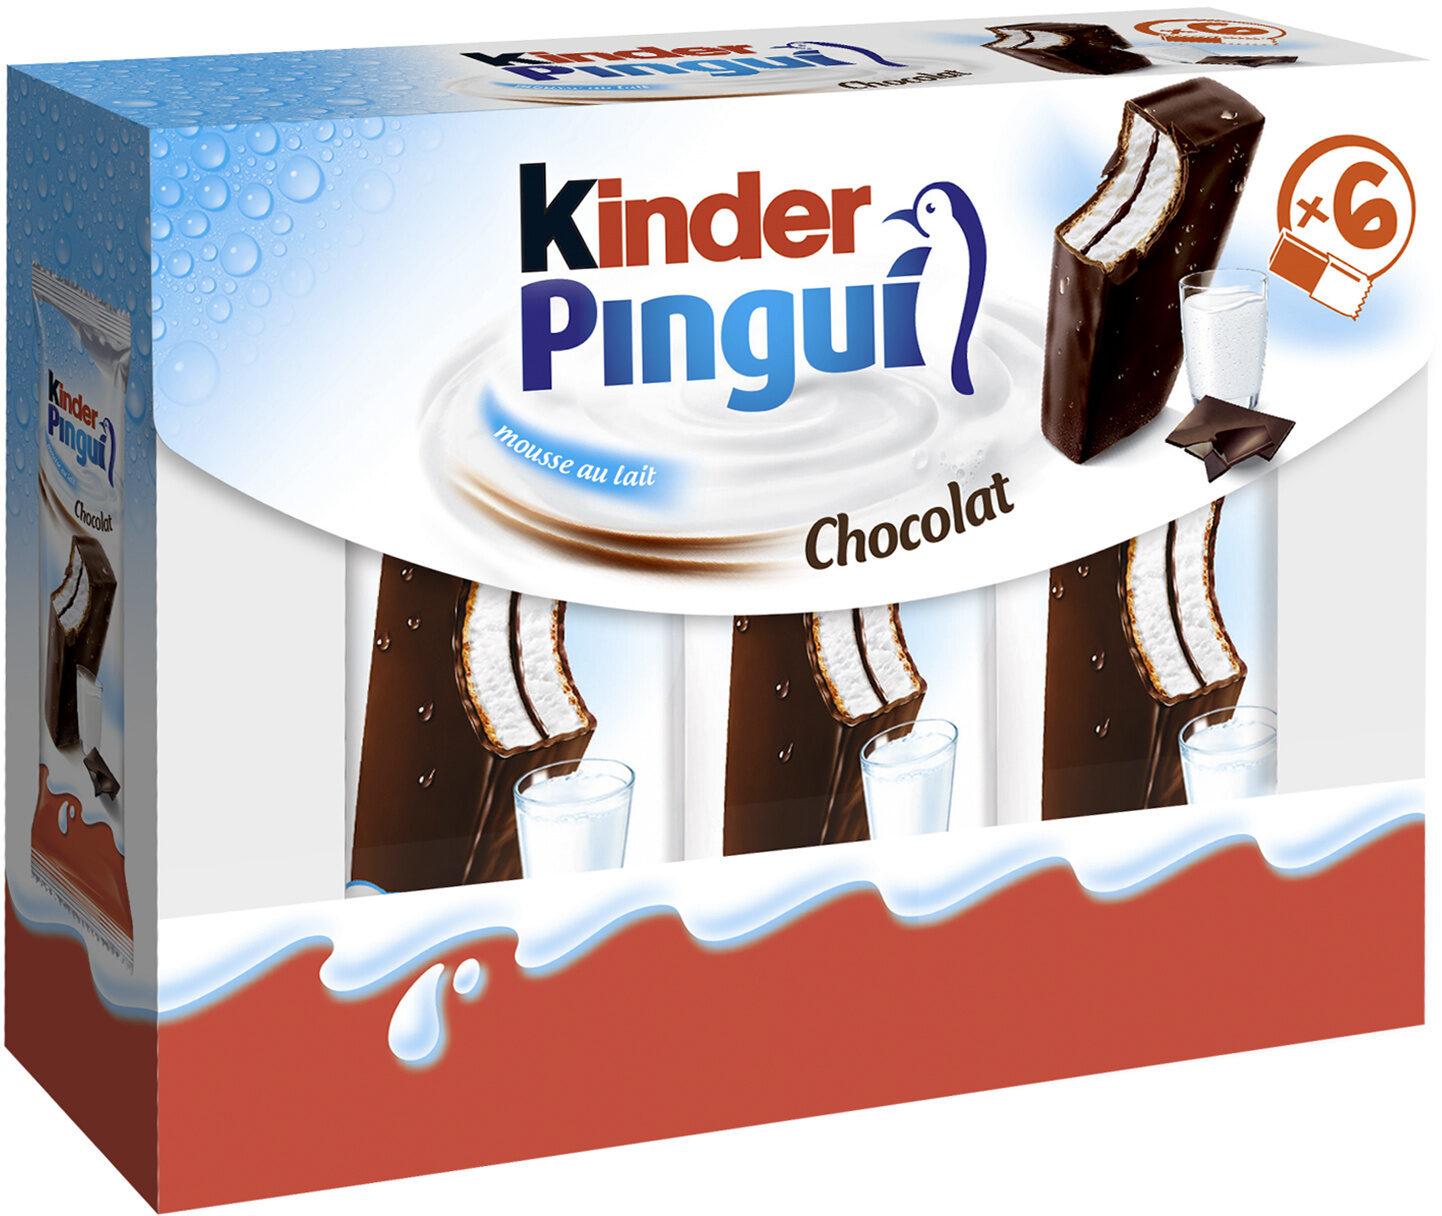 Kinder pingui gouter frais genoise avec chocolat noir extra, fourree lait et cacao t6 pack de 6 etuis - Prodotto - fr